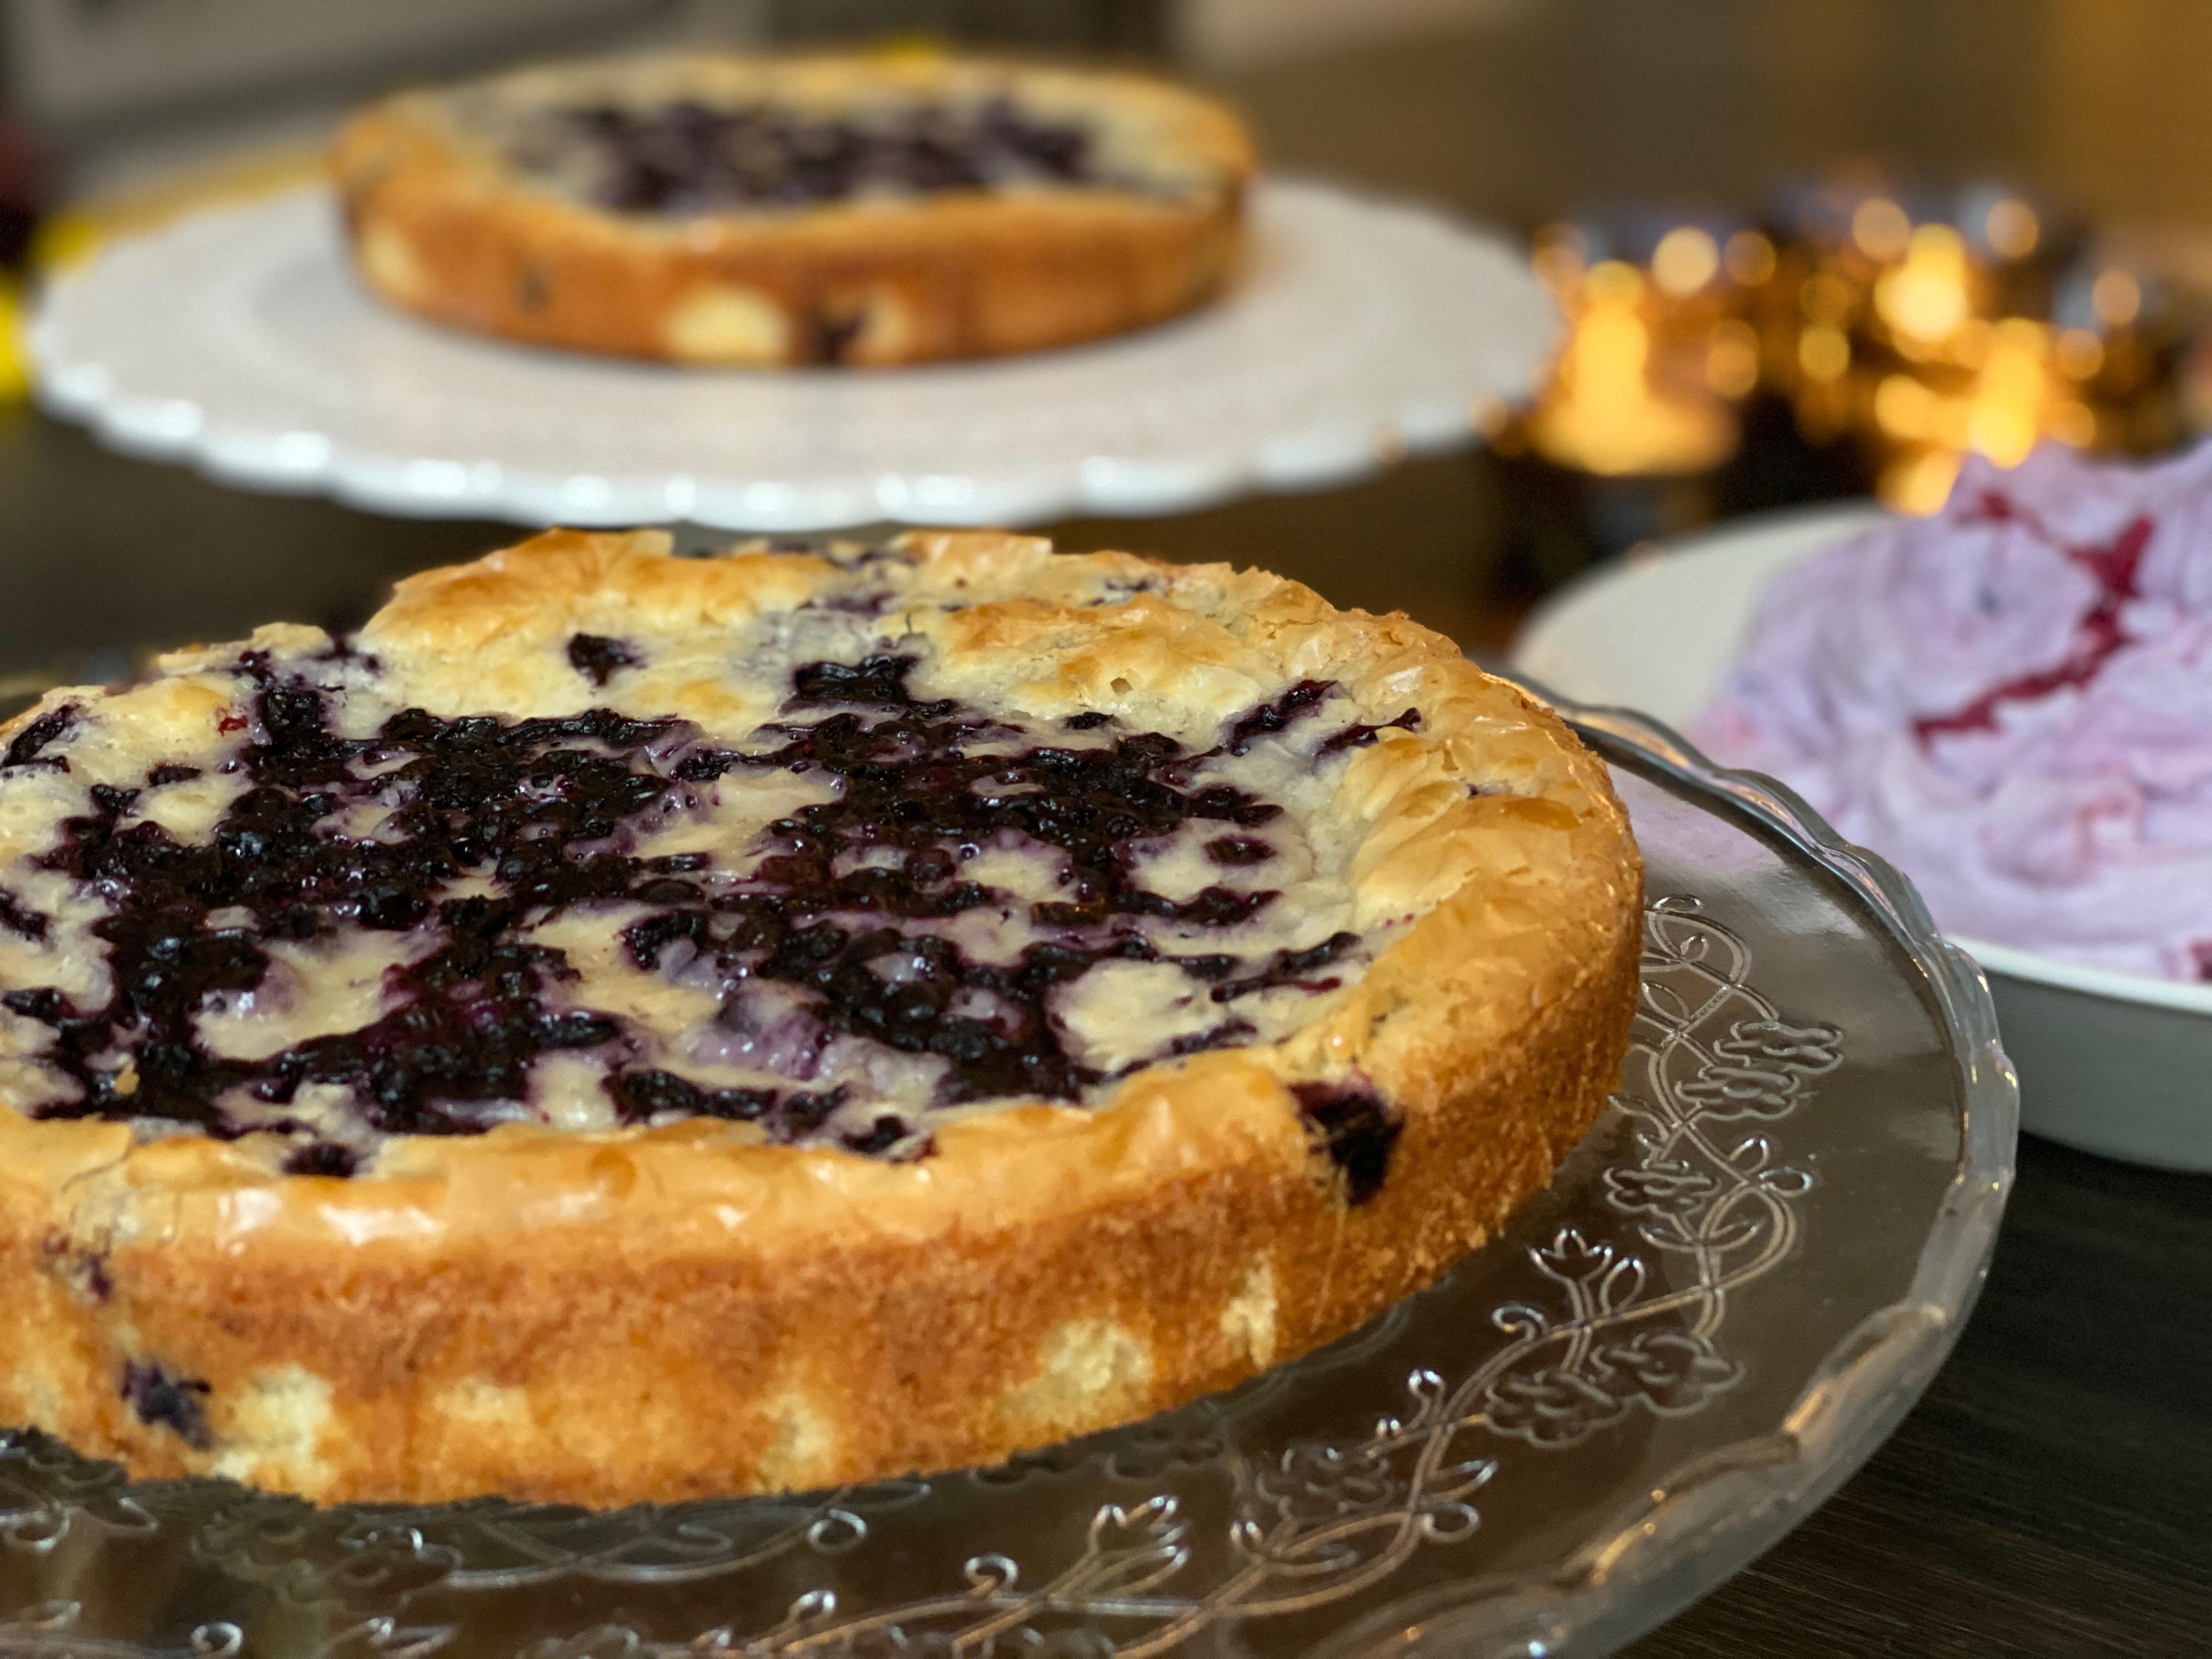 Vit chokladkladdkaka med blåbär